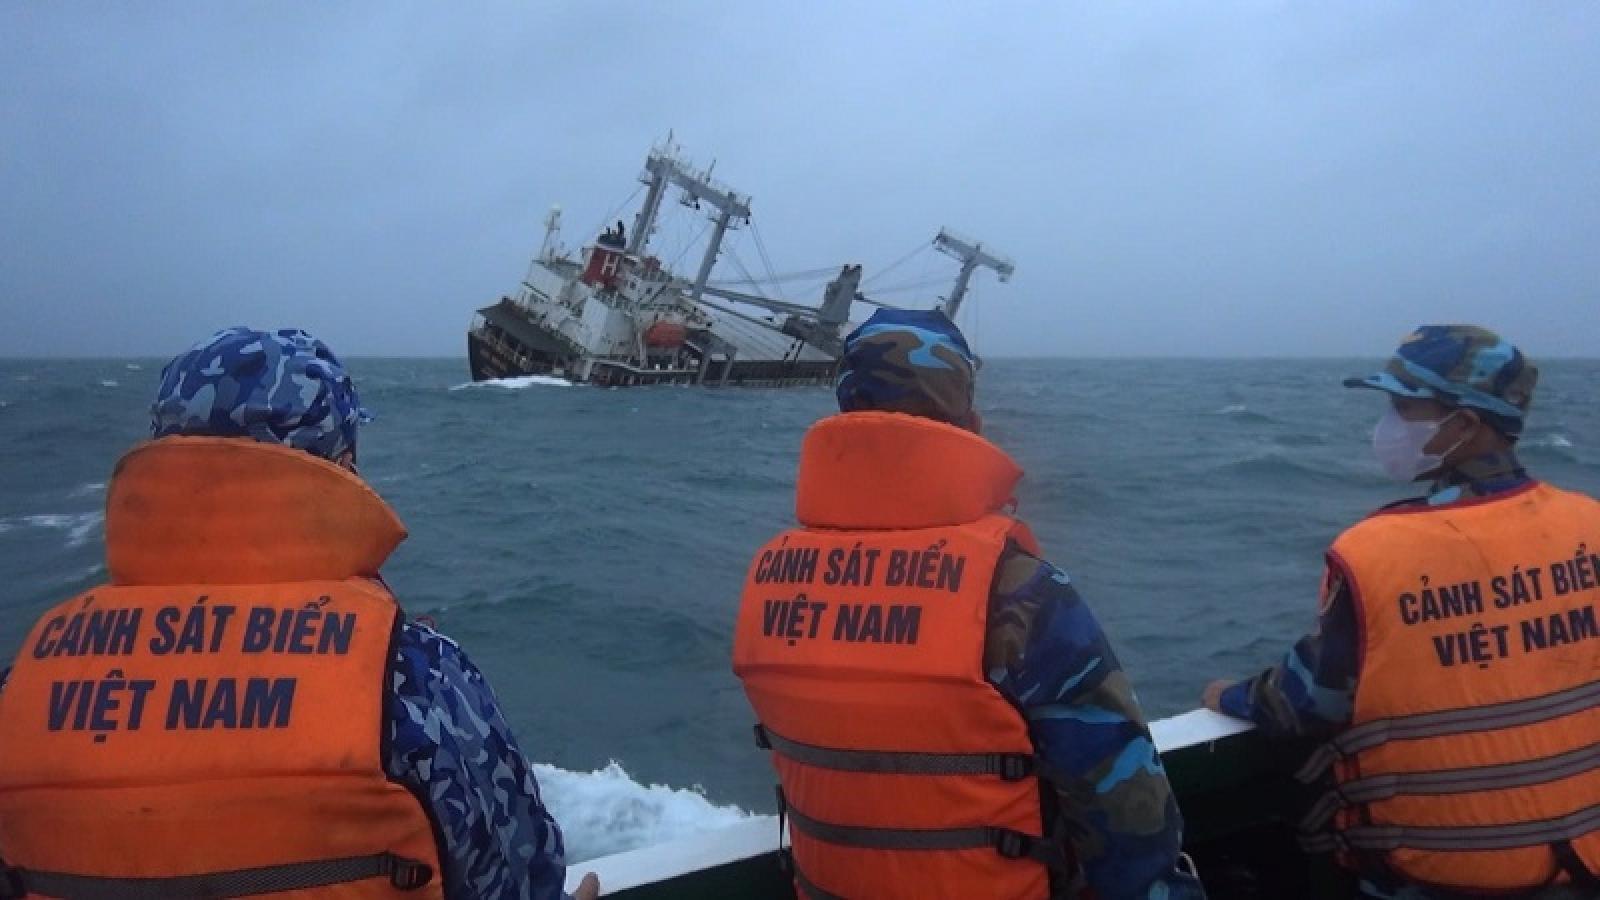 Tìm được thêm 1 thi thể trong vụ chìm tàu trên vùng biển Bình Thuận